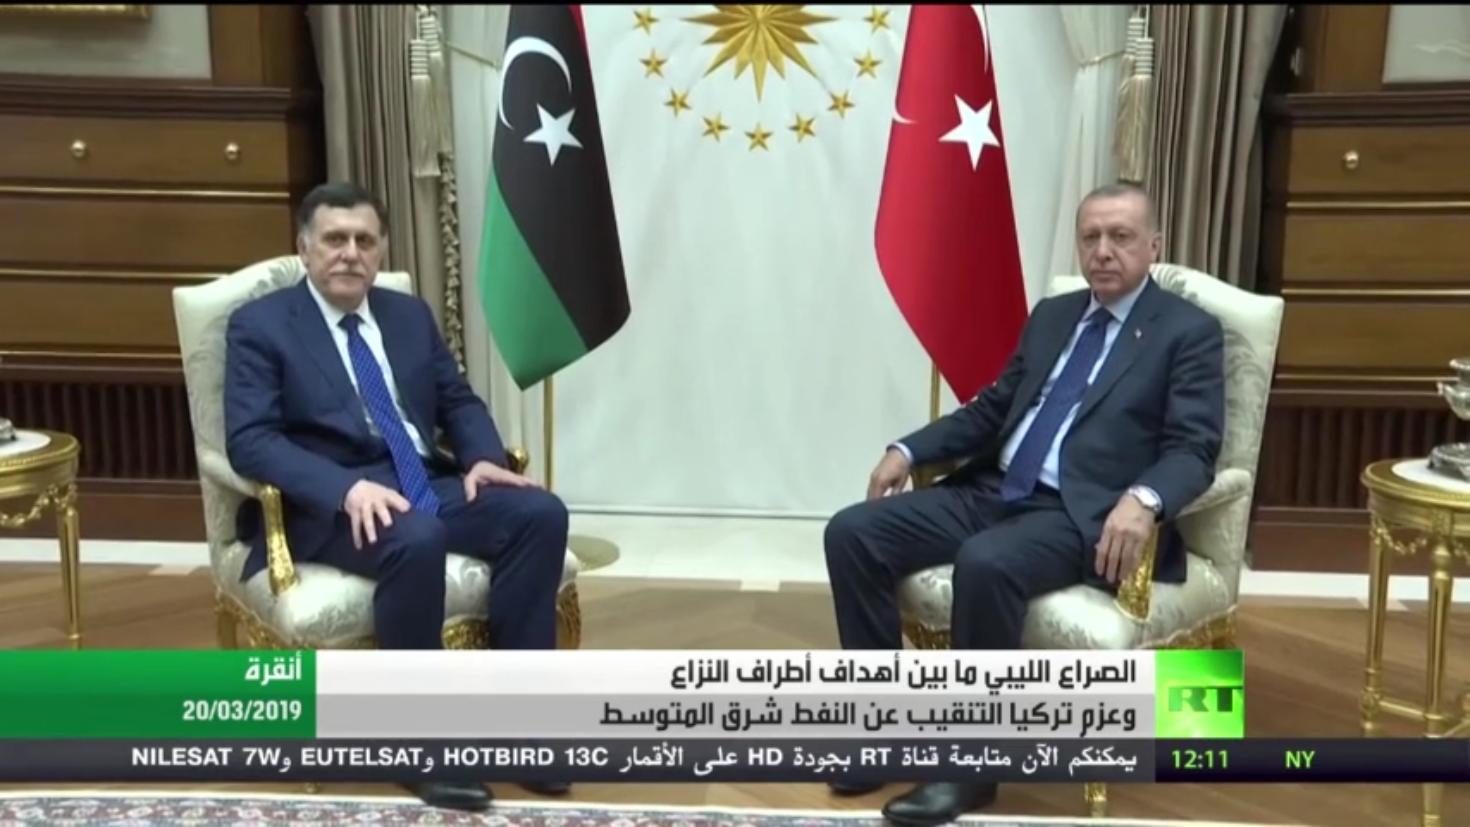 أزمة ليبيا وعزم تركيا استخراج نفط المتوسط